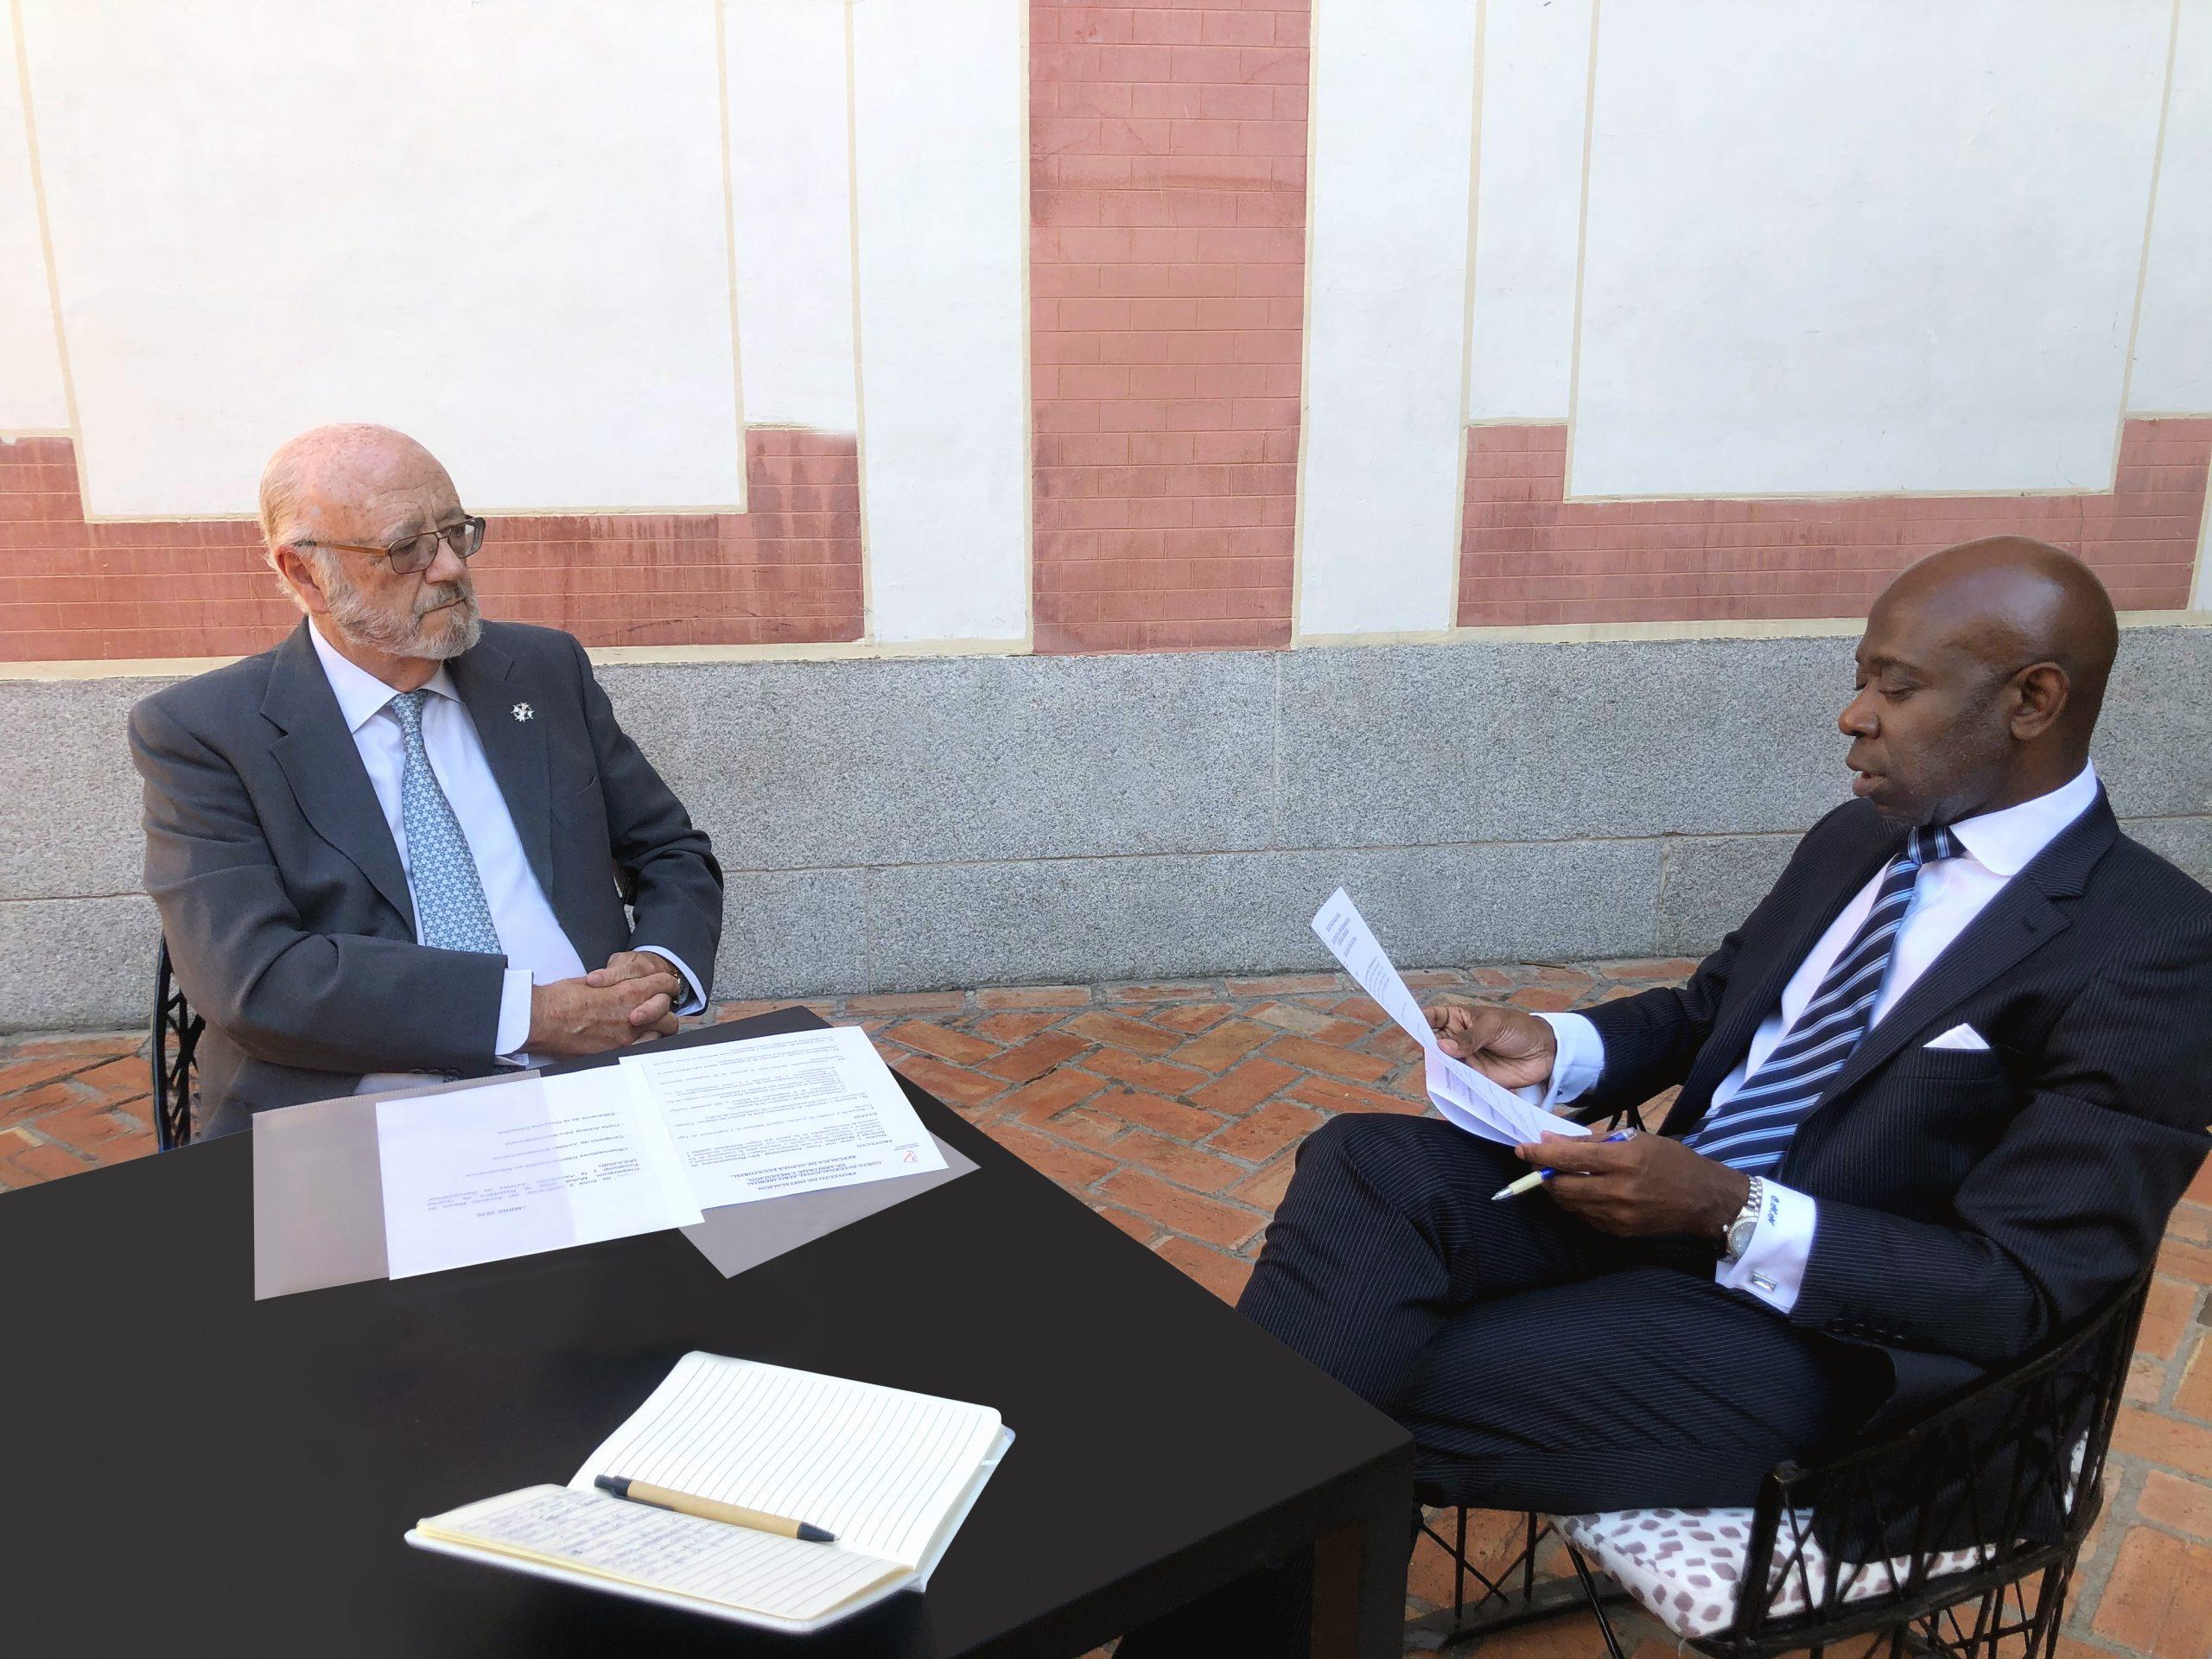 Asociación de Juristas de Iberoamérica